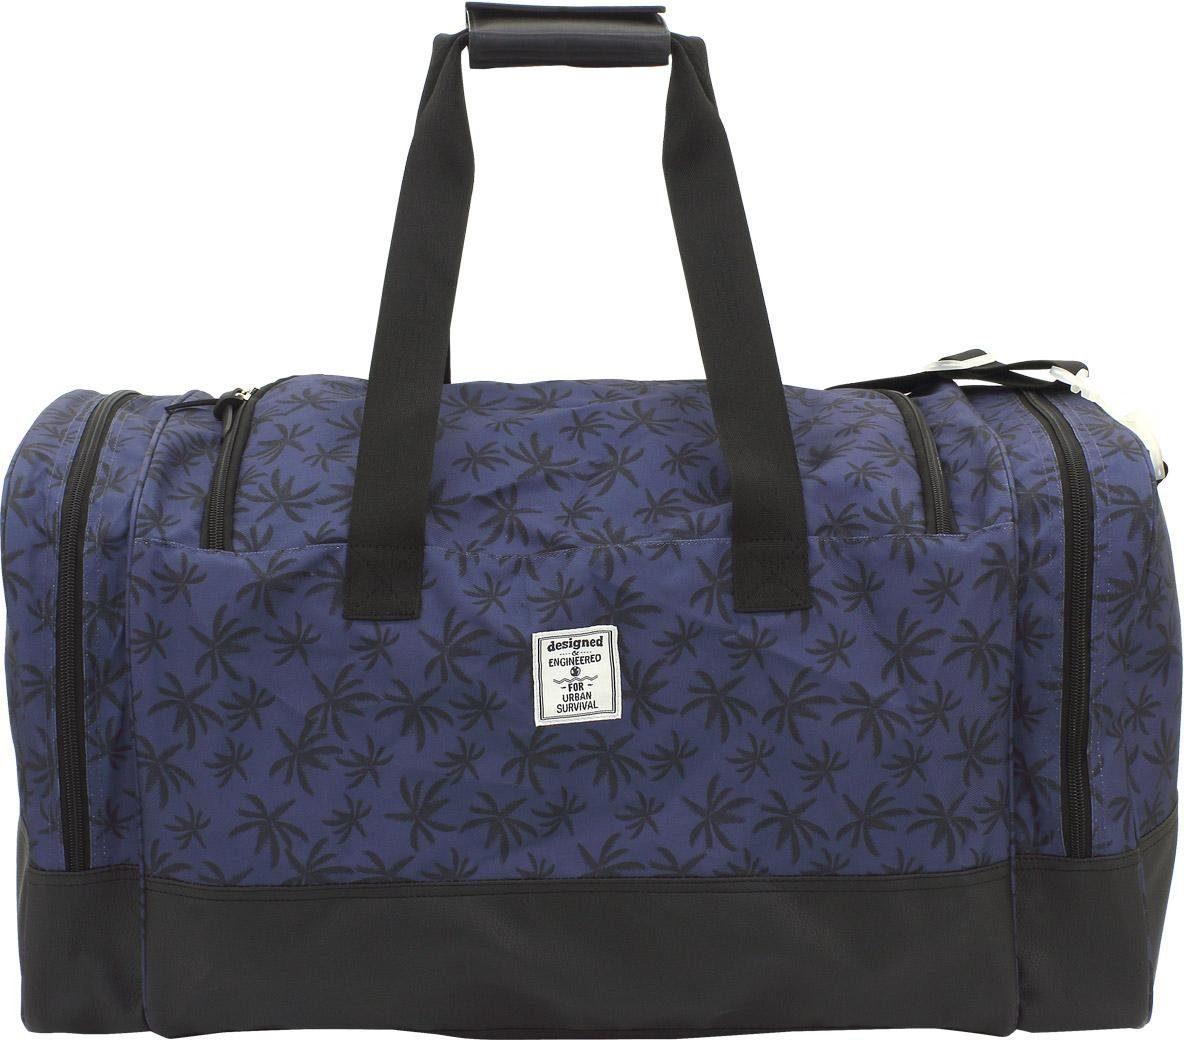 Kaufen Online »miami«Groß »miami«Groß reisetasche Kaufen Online reisetasche F23� »miami«Groß F23� reisetasche Online F23� iPkXZuO